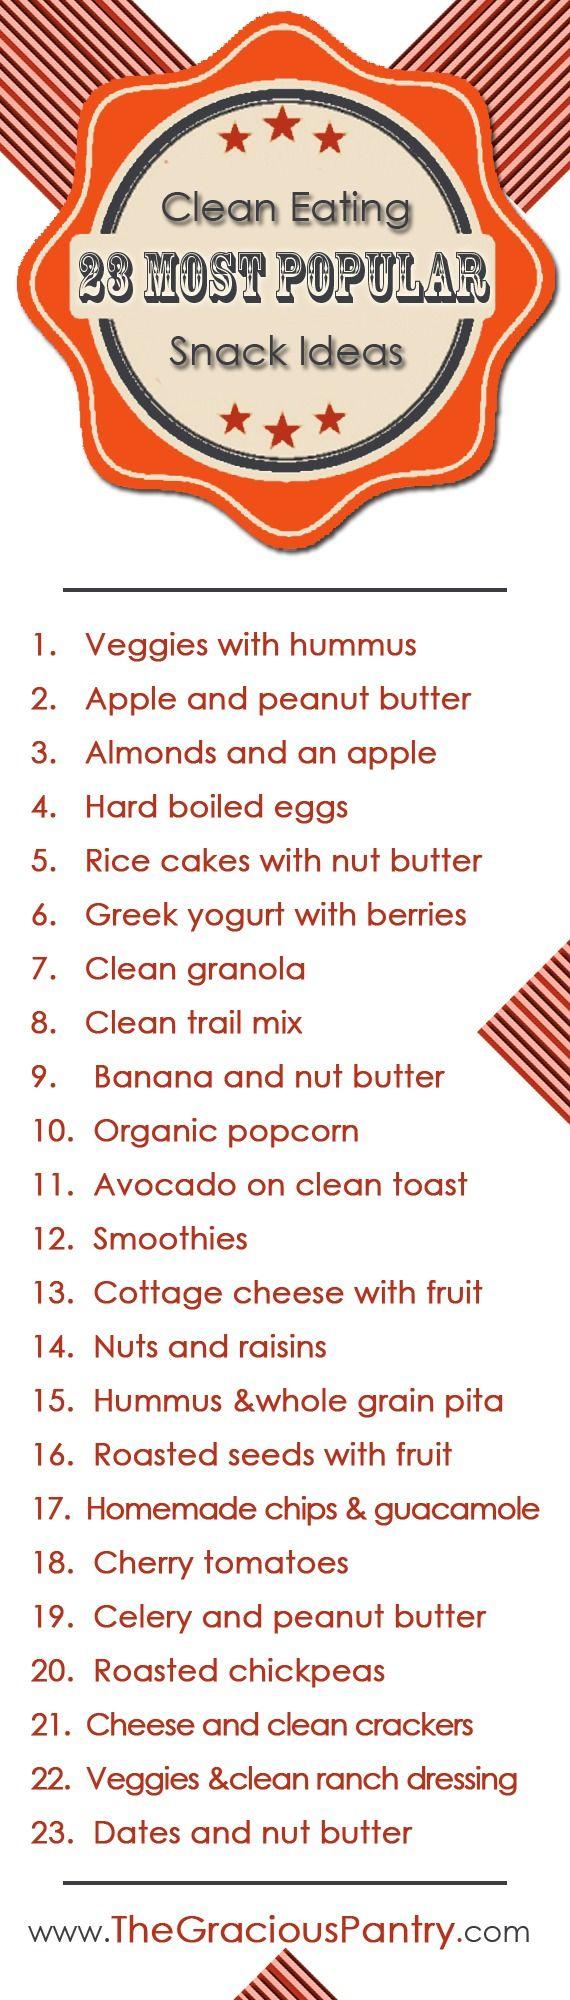 23 Healthy Snack Ideas